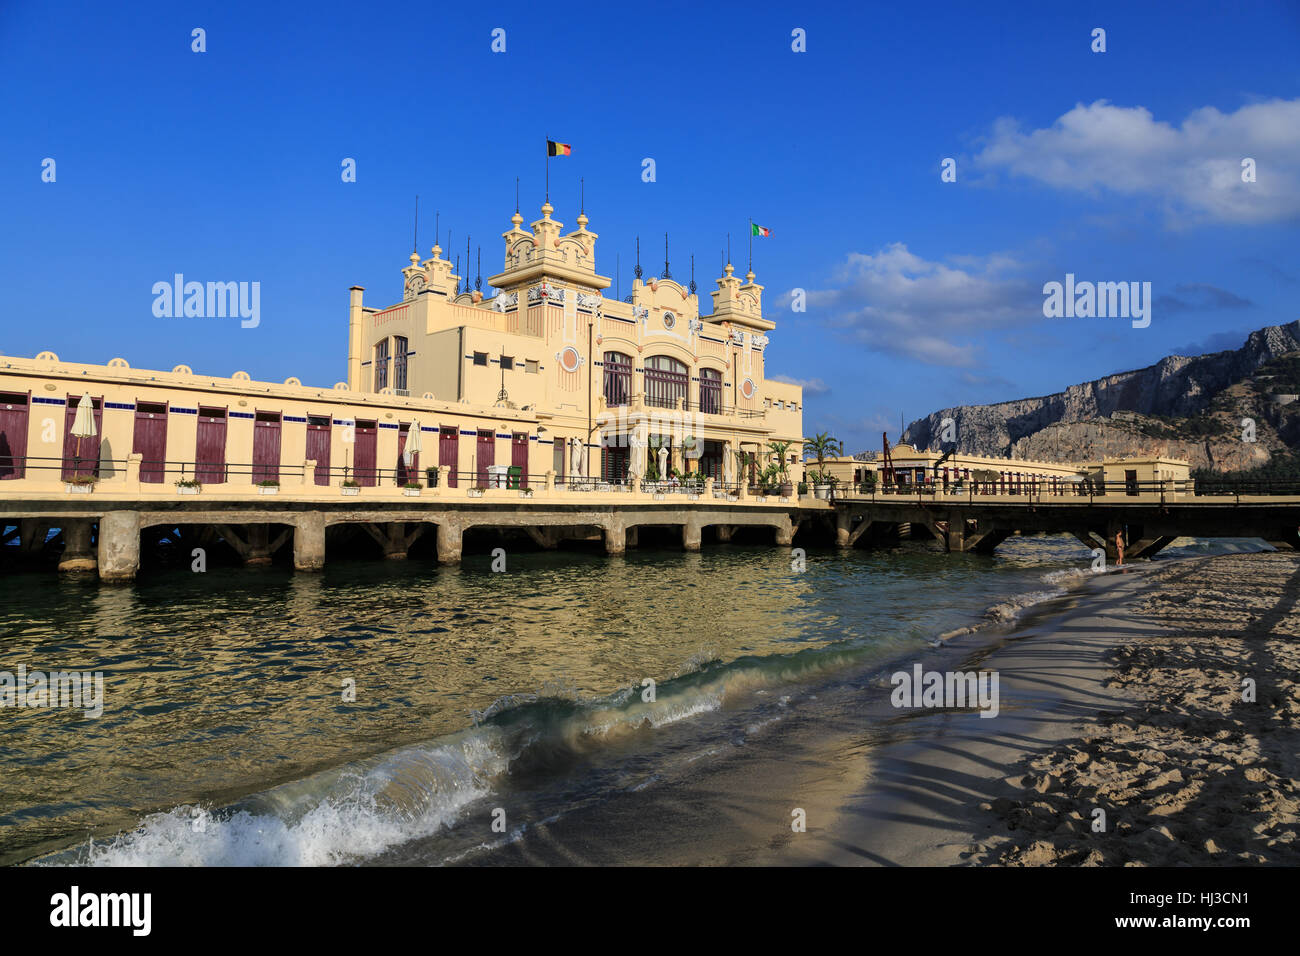 Antico Stabilimento Balneare, Mondello, Palermo, Sicilia, Italia, Europa Immagini Stock